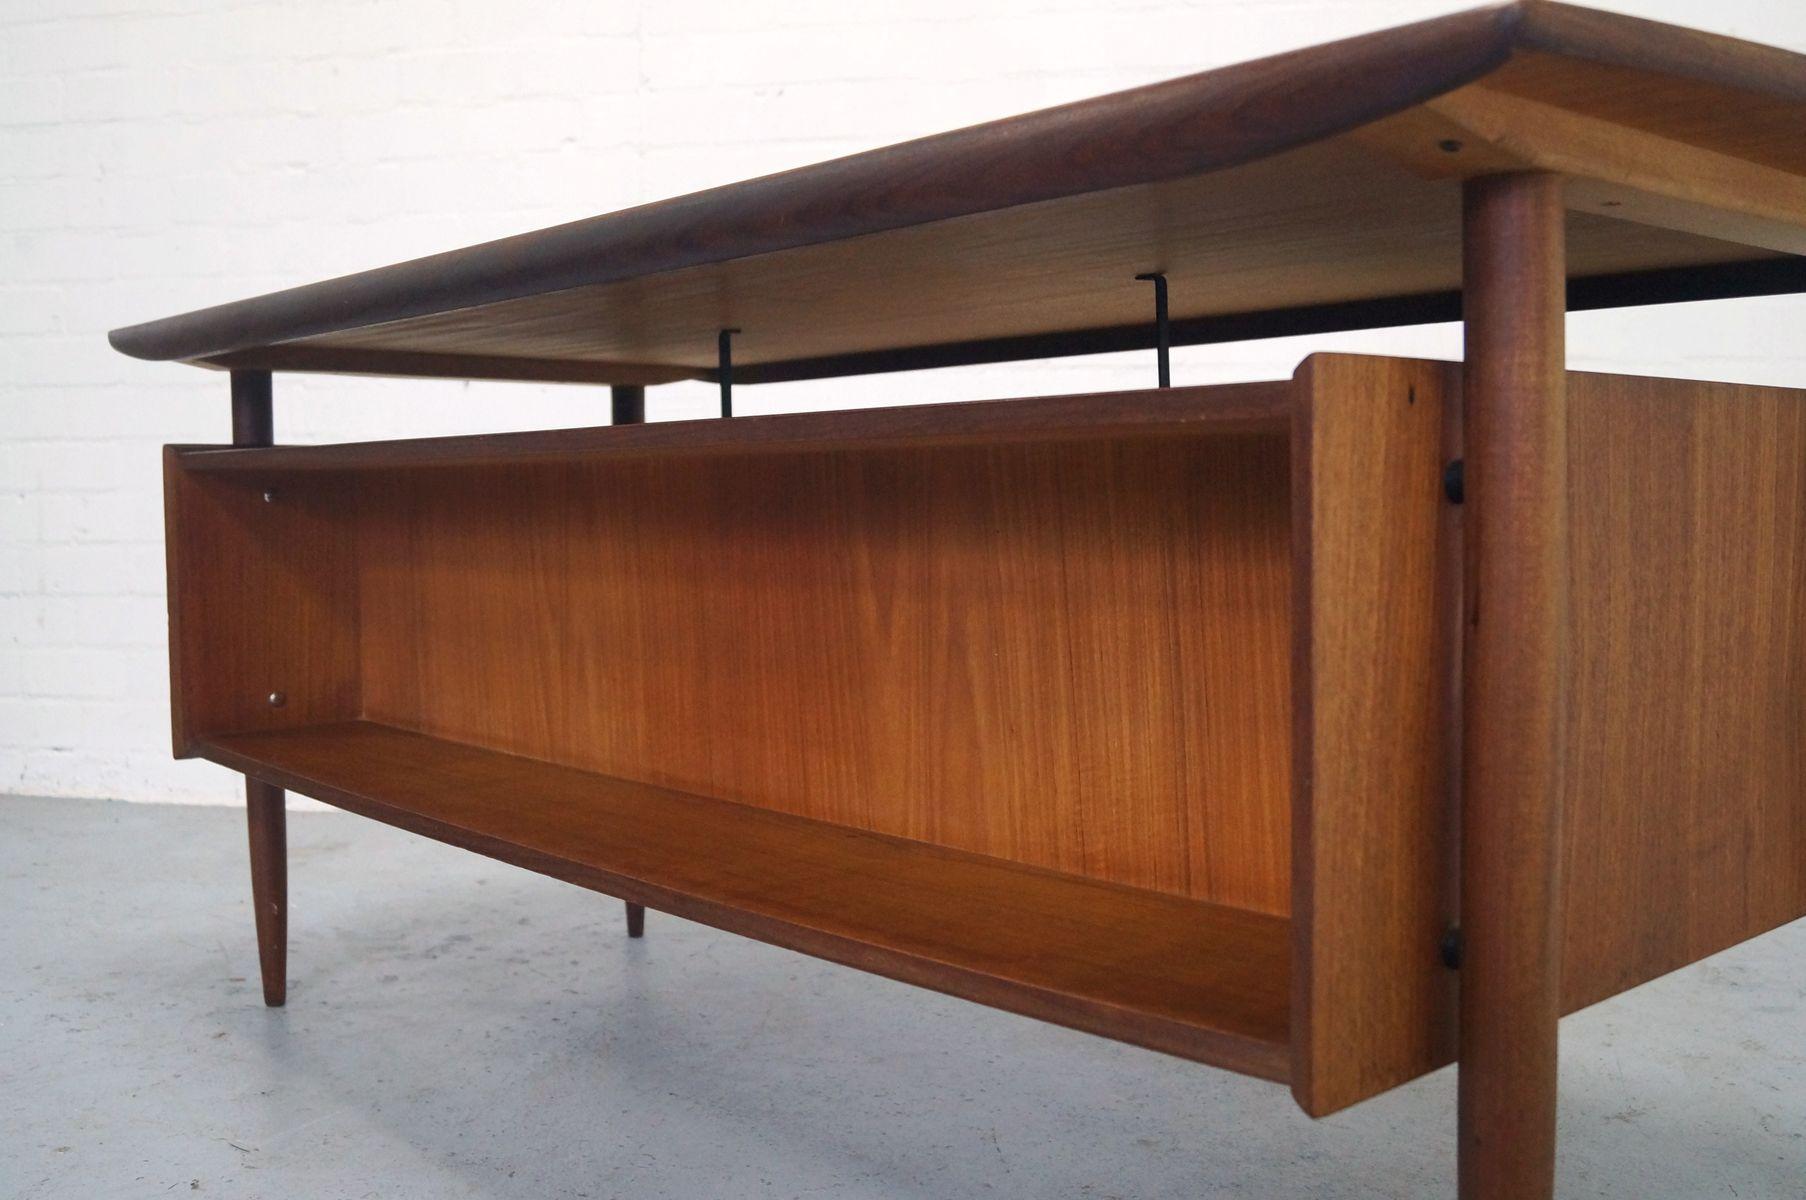 vintage teak bureau by tijsseling 1950s for sale at pamono. Black Bedroom Furniture Sets. Home Design Ideas